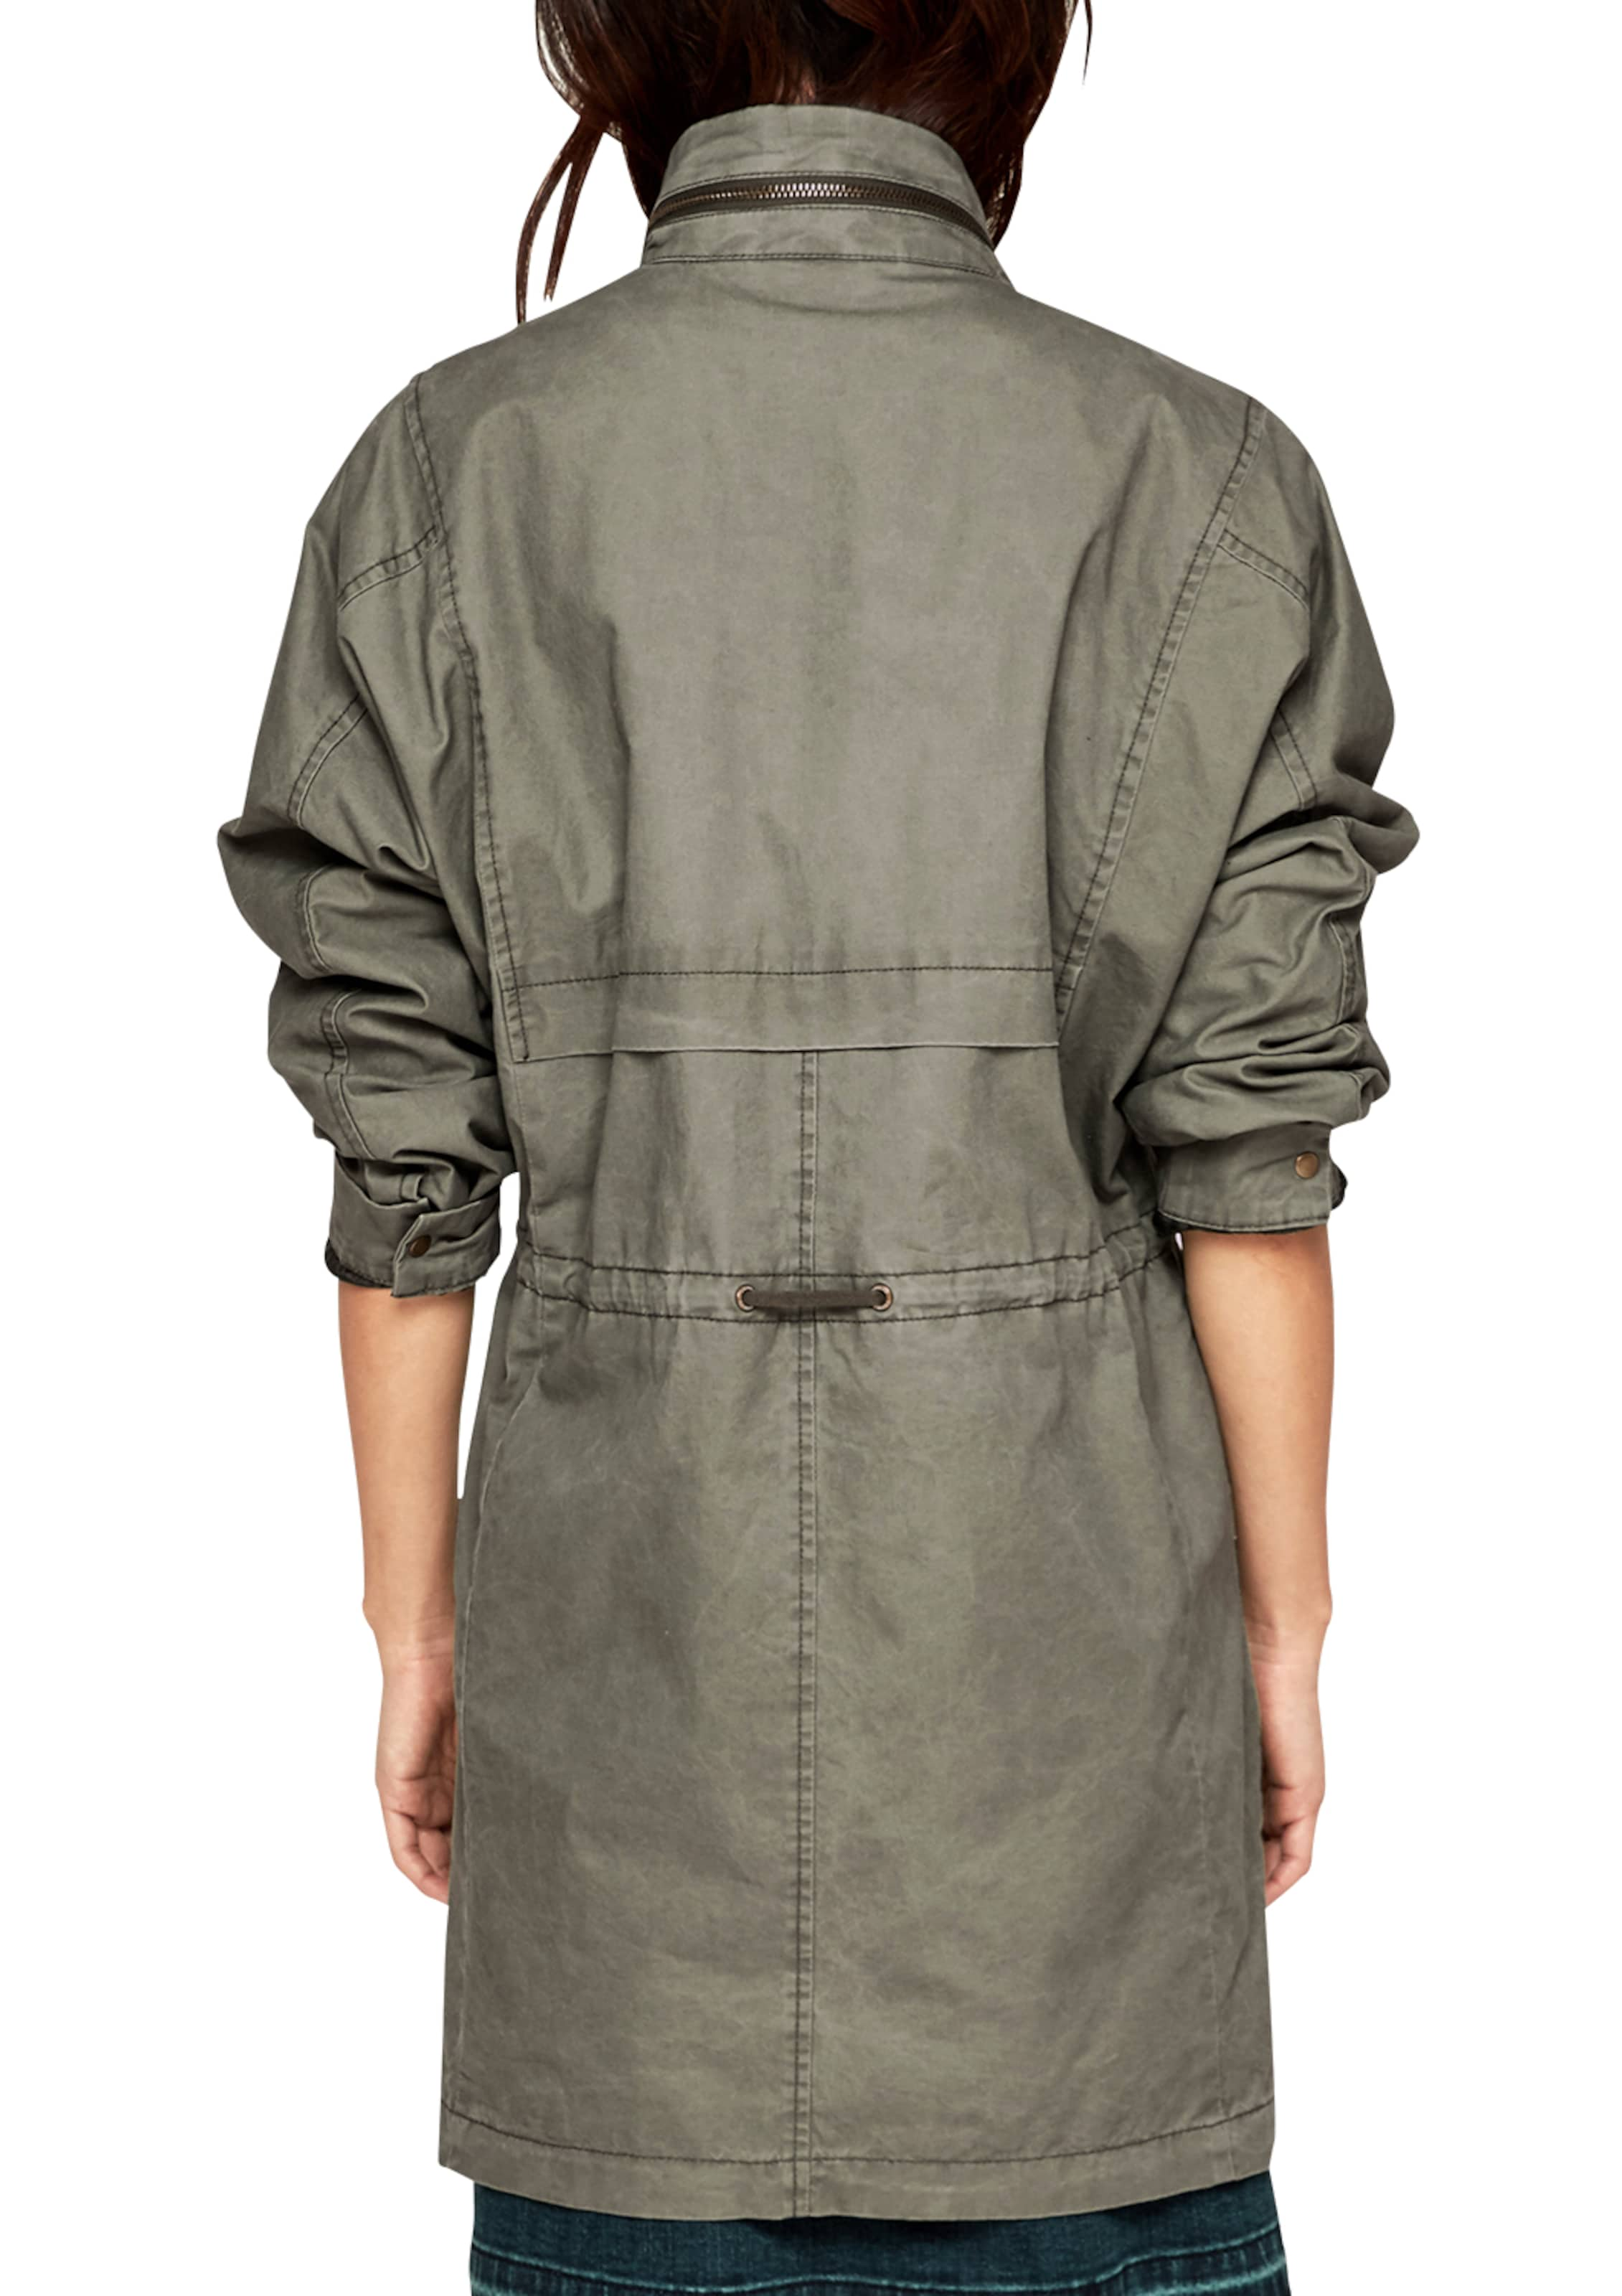 Spielraum Größte Lieferant s.Oliver RED LABEL Twill-Mantel mit Waschung Mode-Stil Zu Verkaufen Kostengünstig Webseite Günstiger Preis fsbWtGE